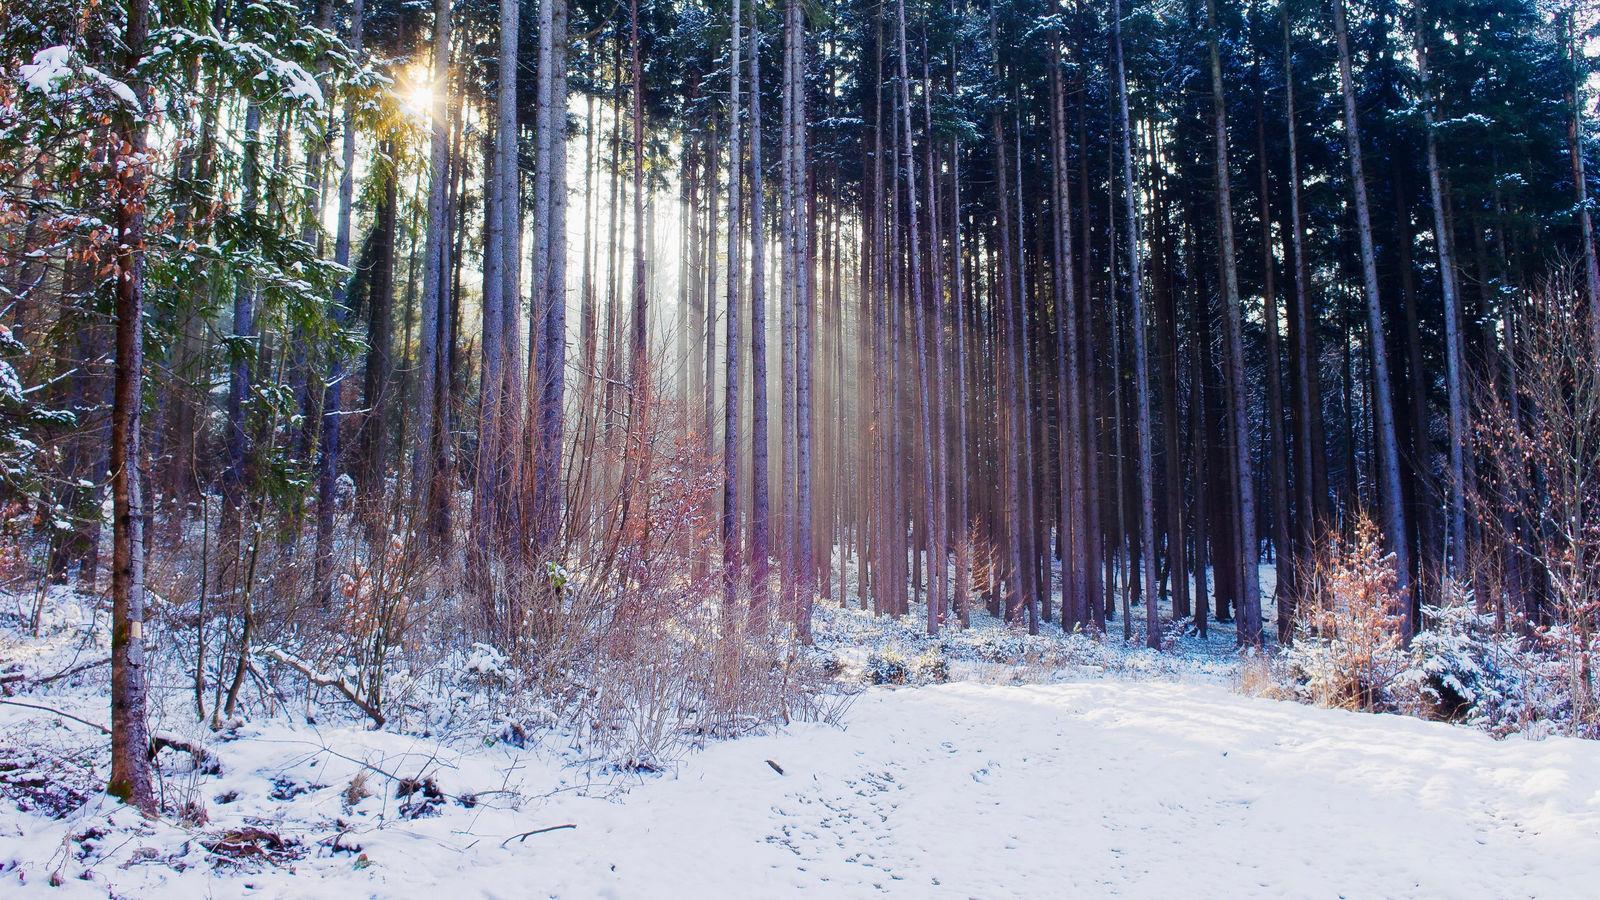 1366x768 Обои Зима